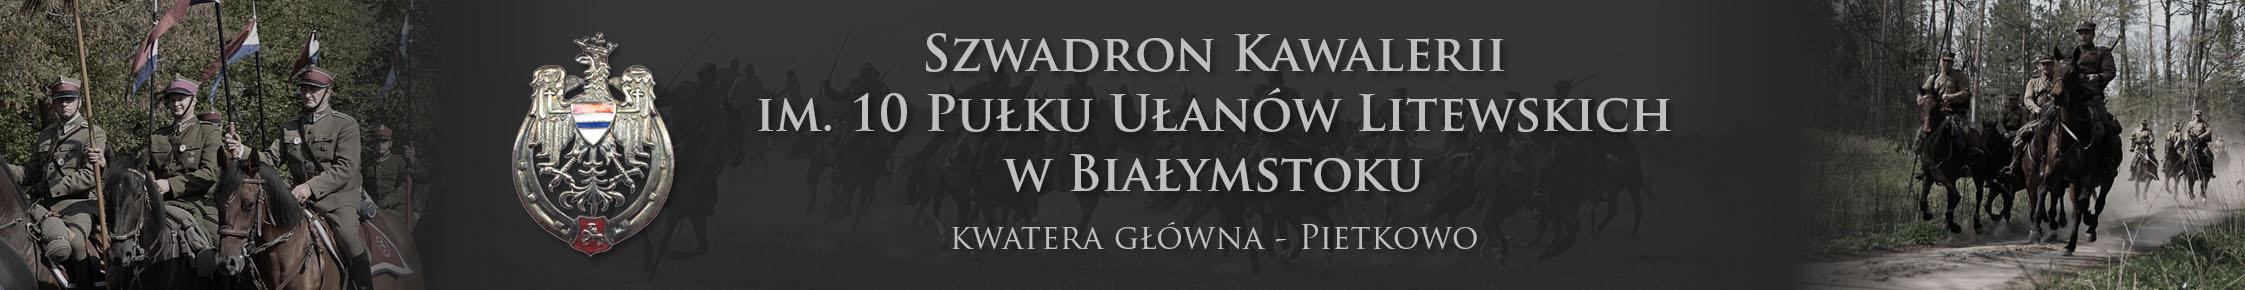 Szwadron Kawalerii im. 10 Pułku Ułanów Litewskich